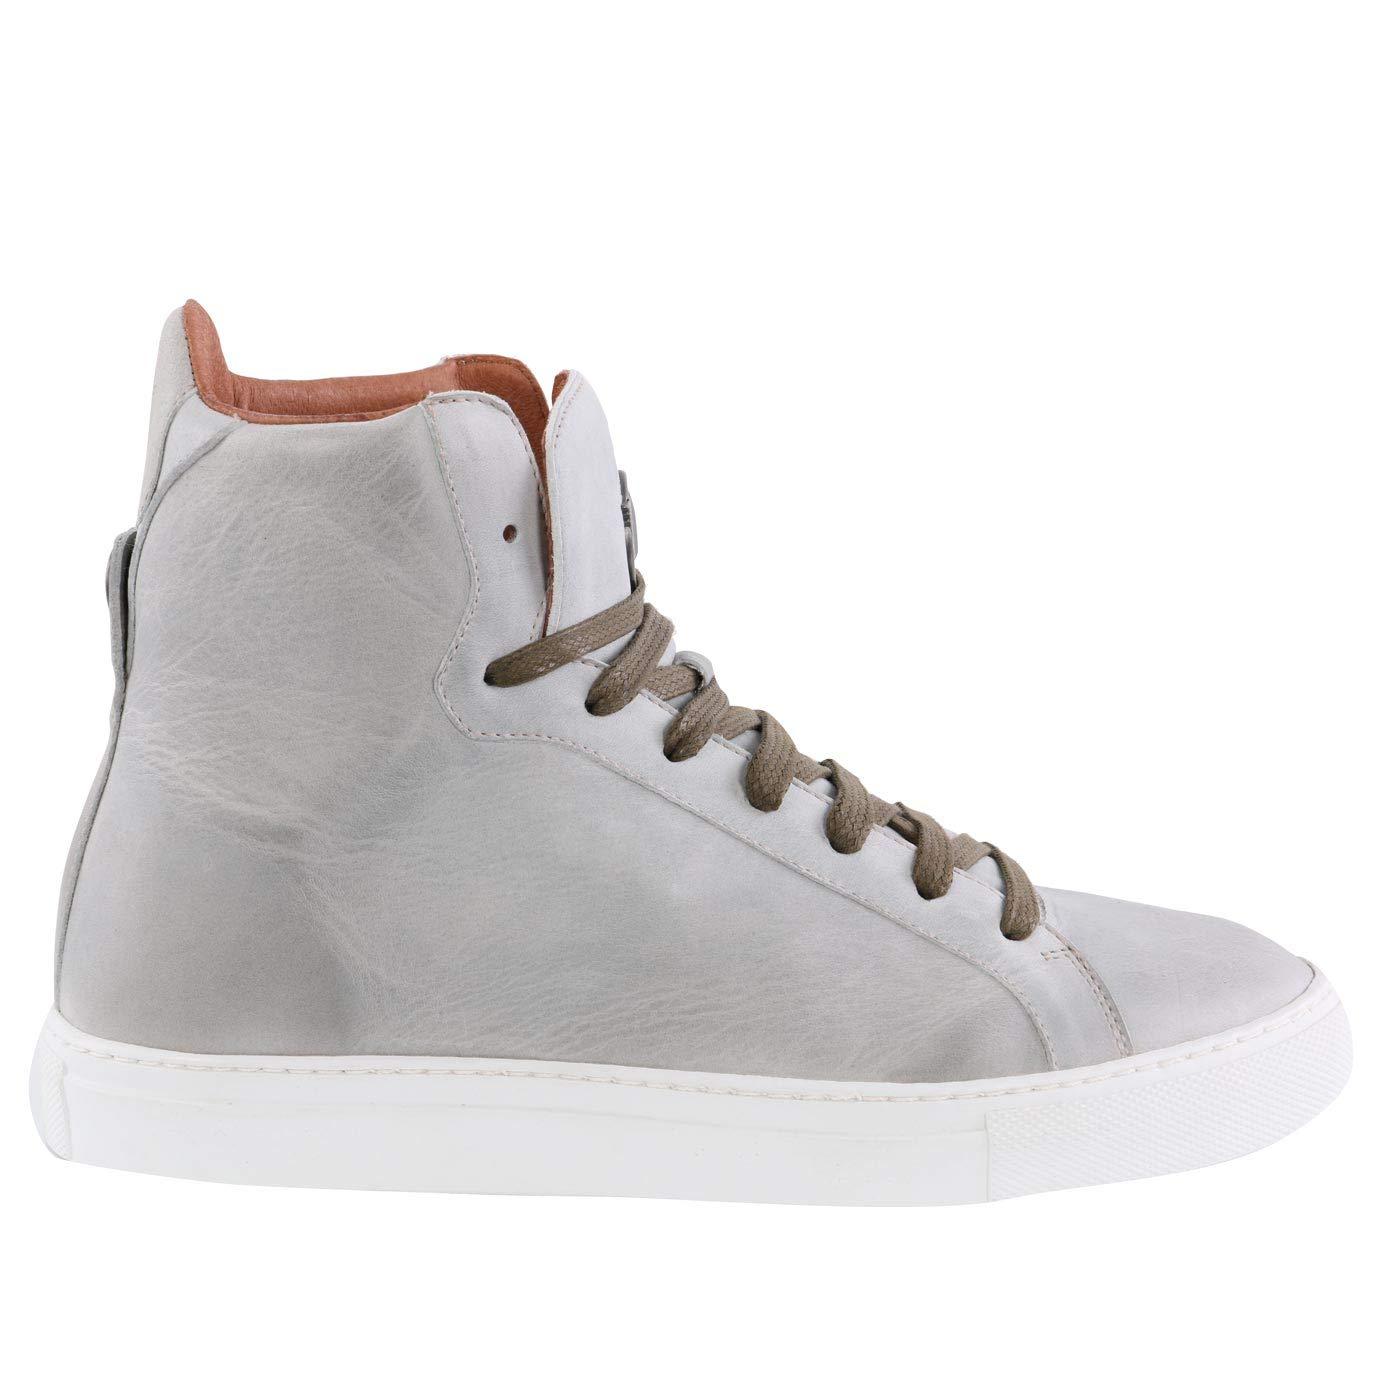 Matchless Damen Leder Turnschuhe Schuhe Lewis HIGH Antique Mud 142051